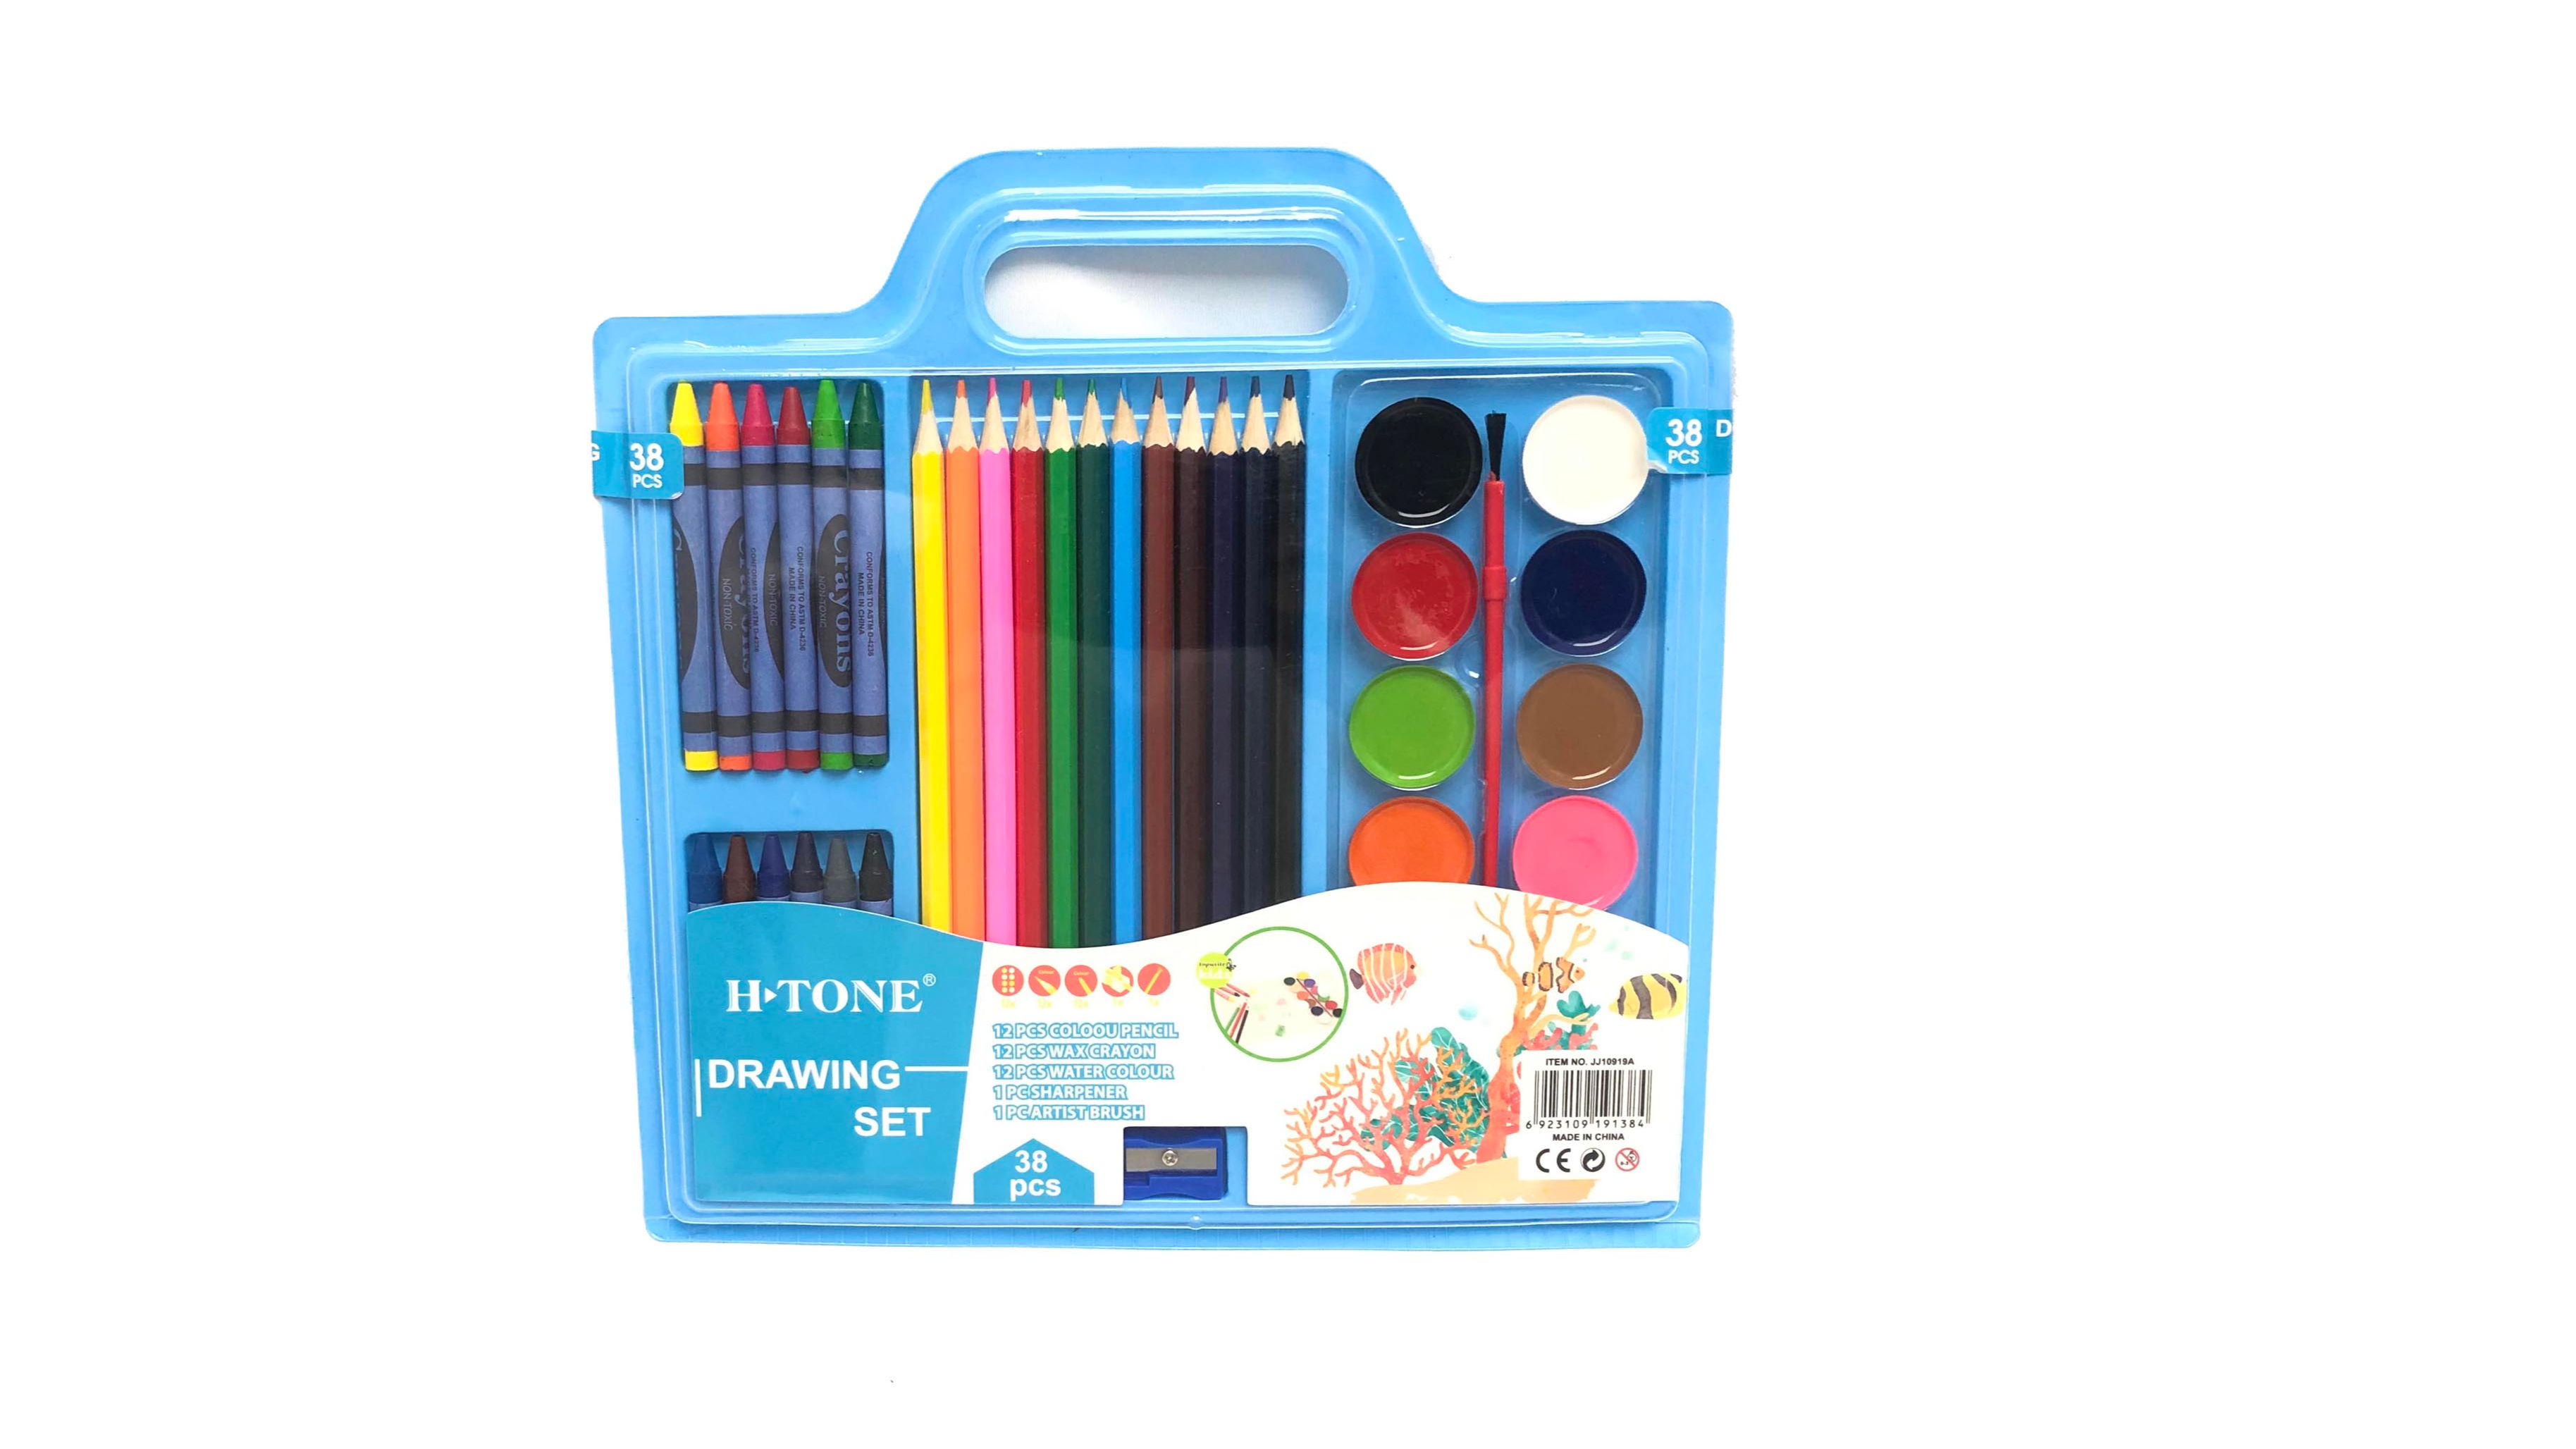 ड्राइंग सेट पानी के रंग का पेंट/रंगीन पेंसिल/Caryon स्टेशनरी 38pcs पेंट सेट बच्चों के छात्रों को उपयोग